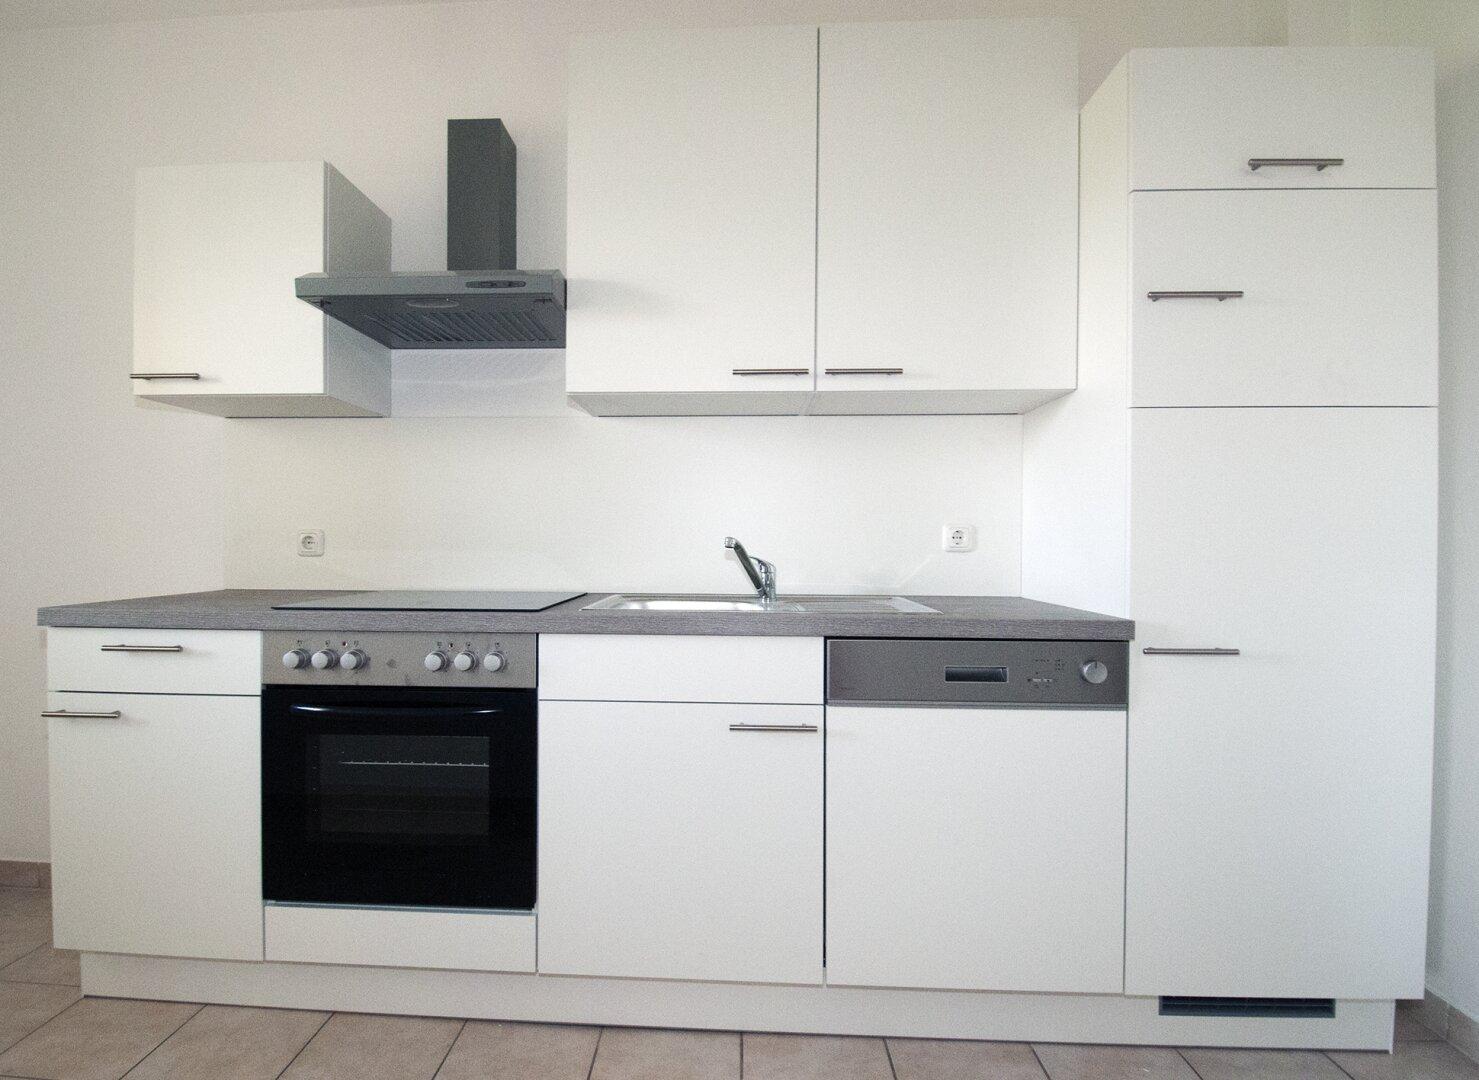 Einbauküche mit Geschirrspüler und Kühl- Gefrierschrank